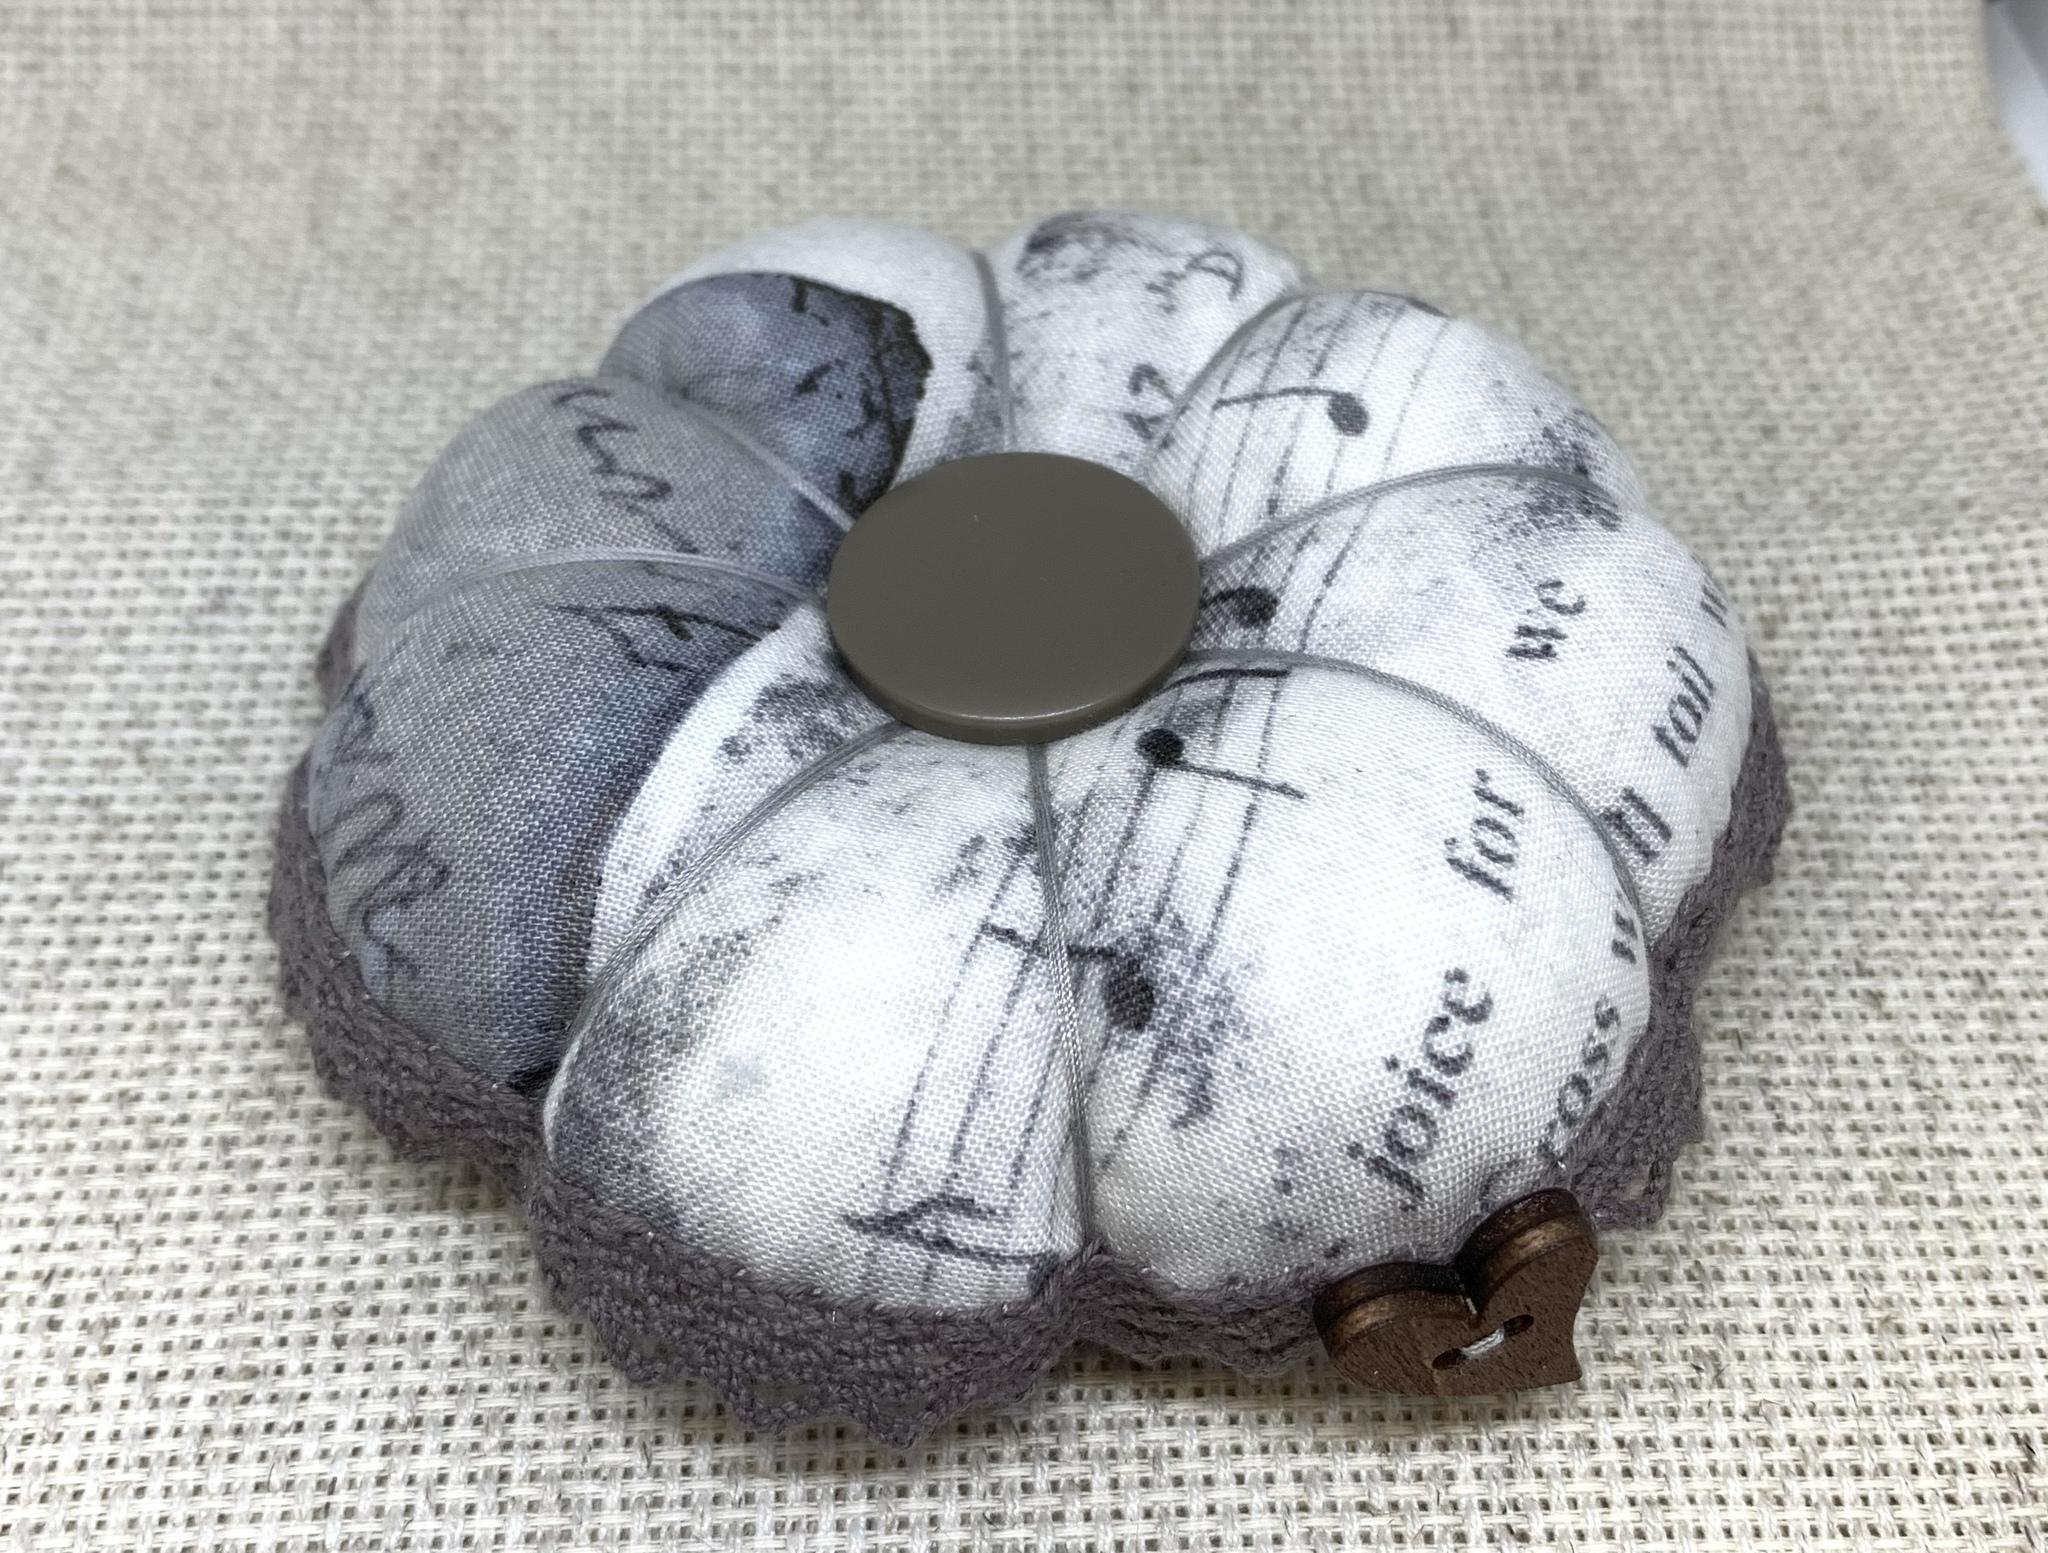 Чехлы и накидки на рамы Игольница на магните 3F46D0BF-0877-438D-AD63-5F217CE72969.jpeg